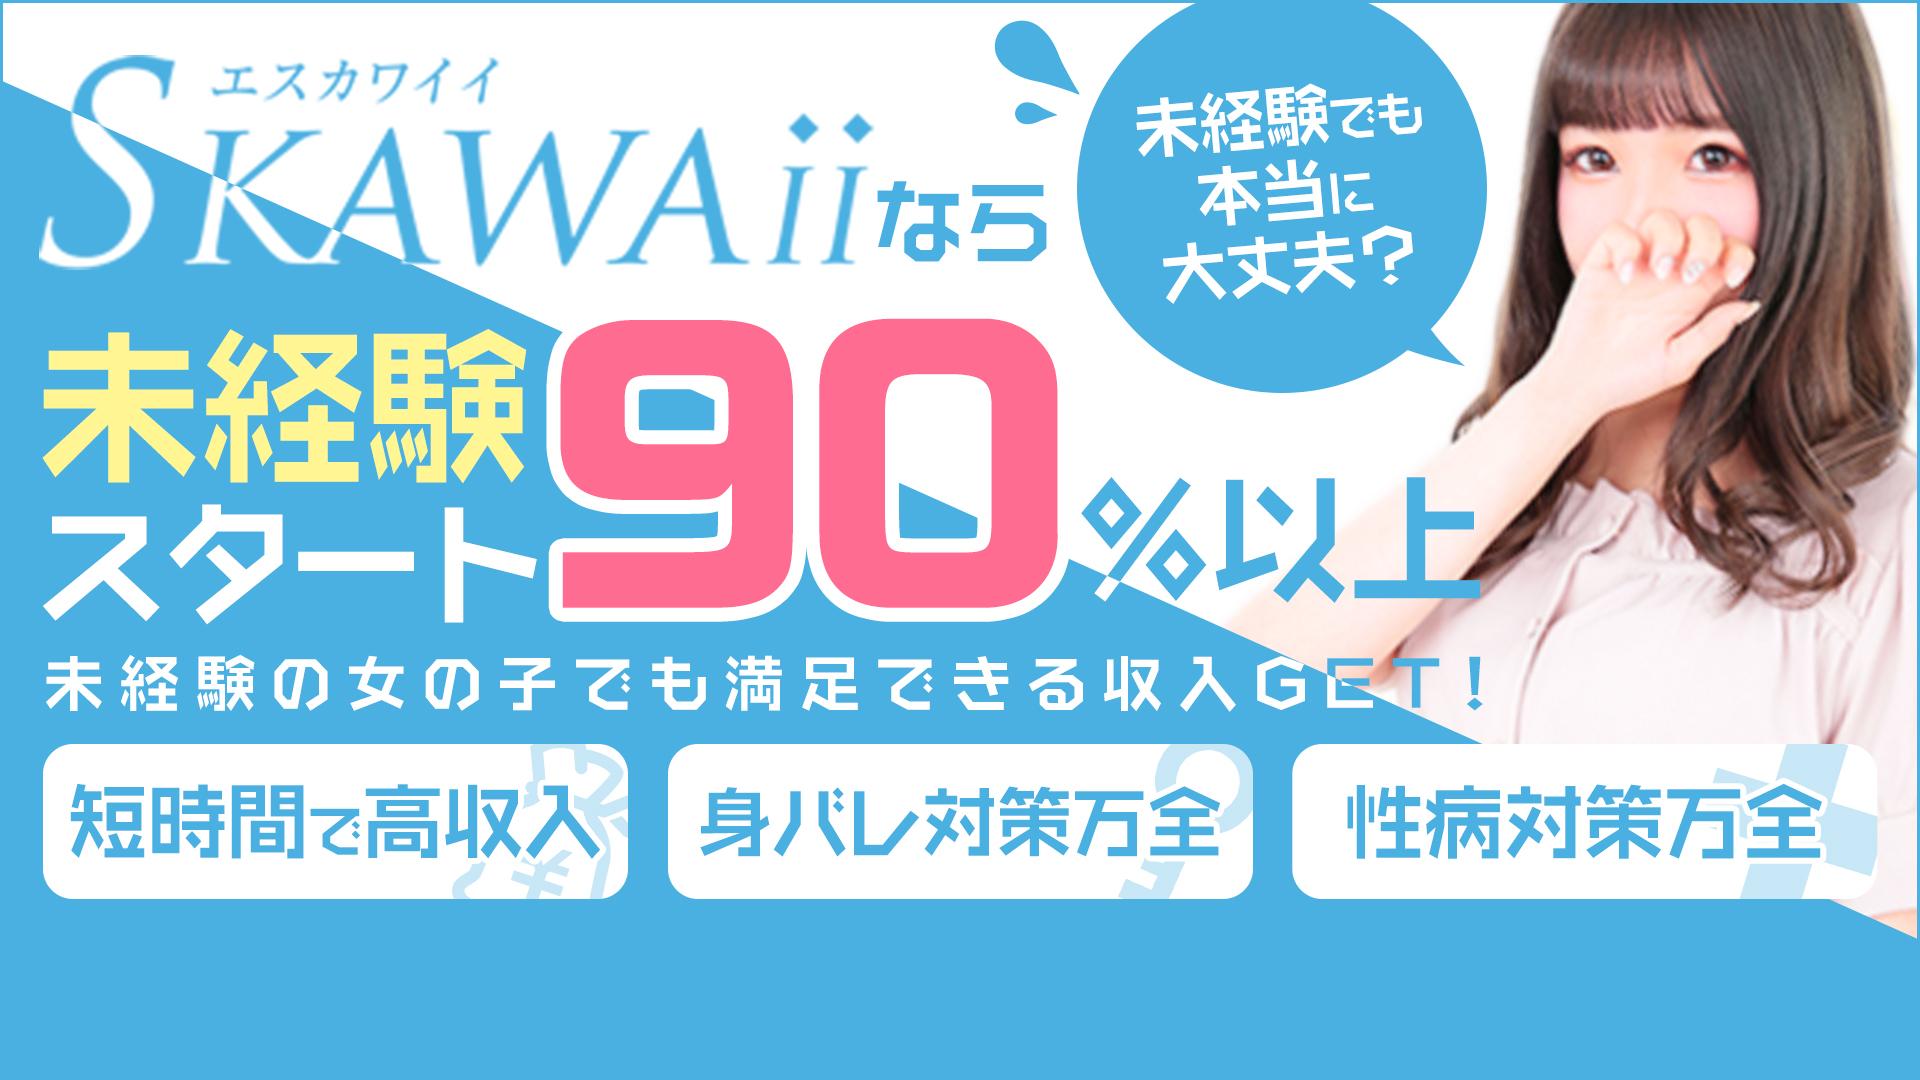 Skawaii(エスカワ)大阪店